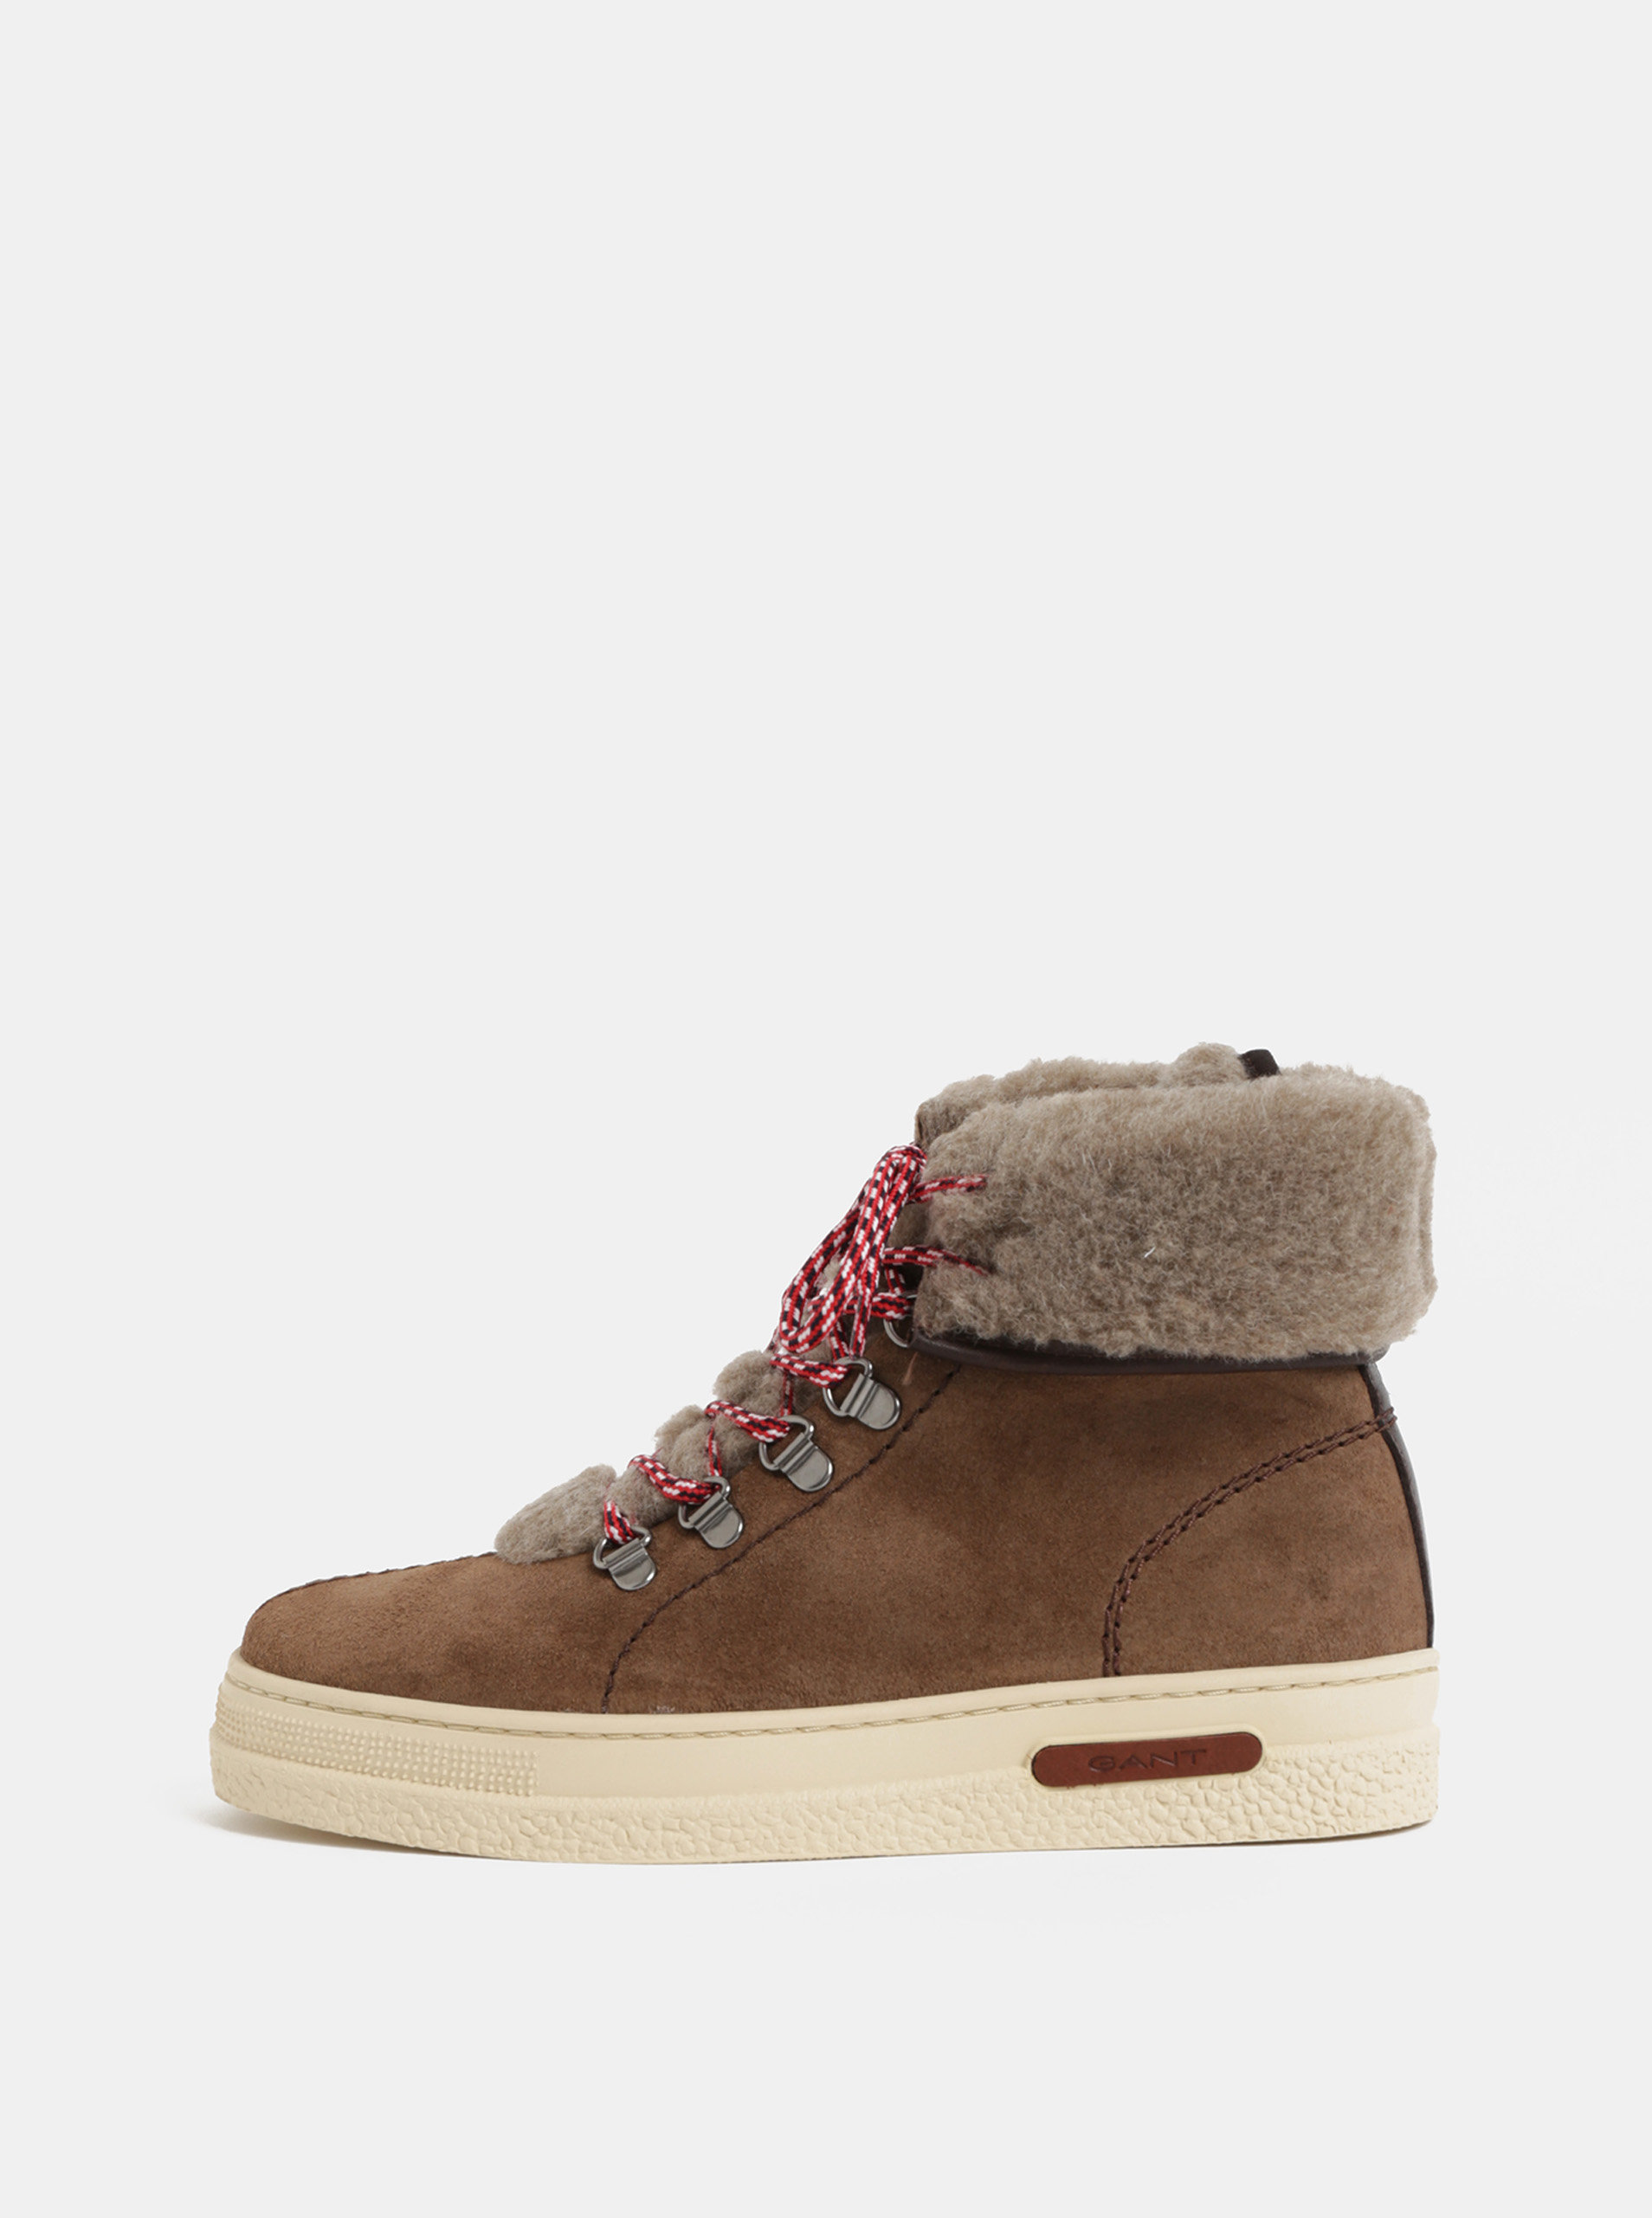 9d1bff7f46d2 Dámske kožené členkové zimné topánky GANT ...